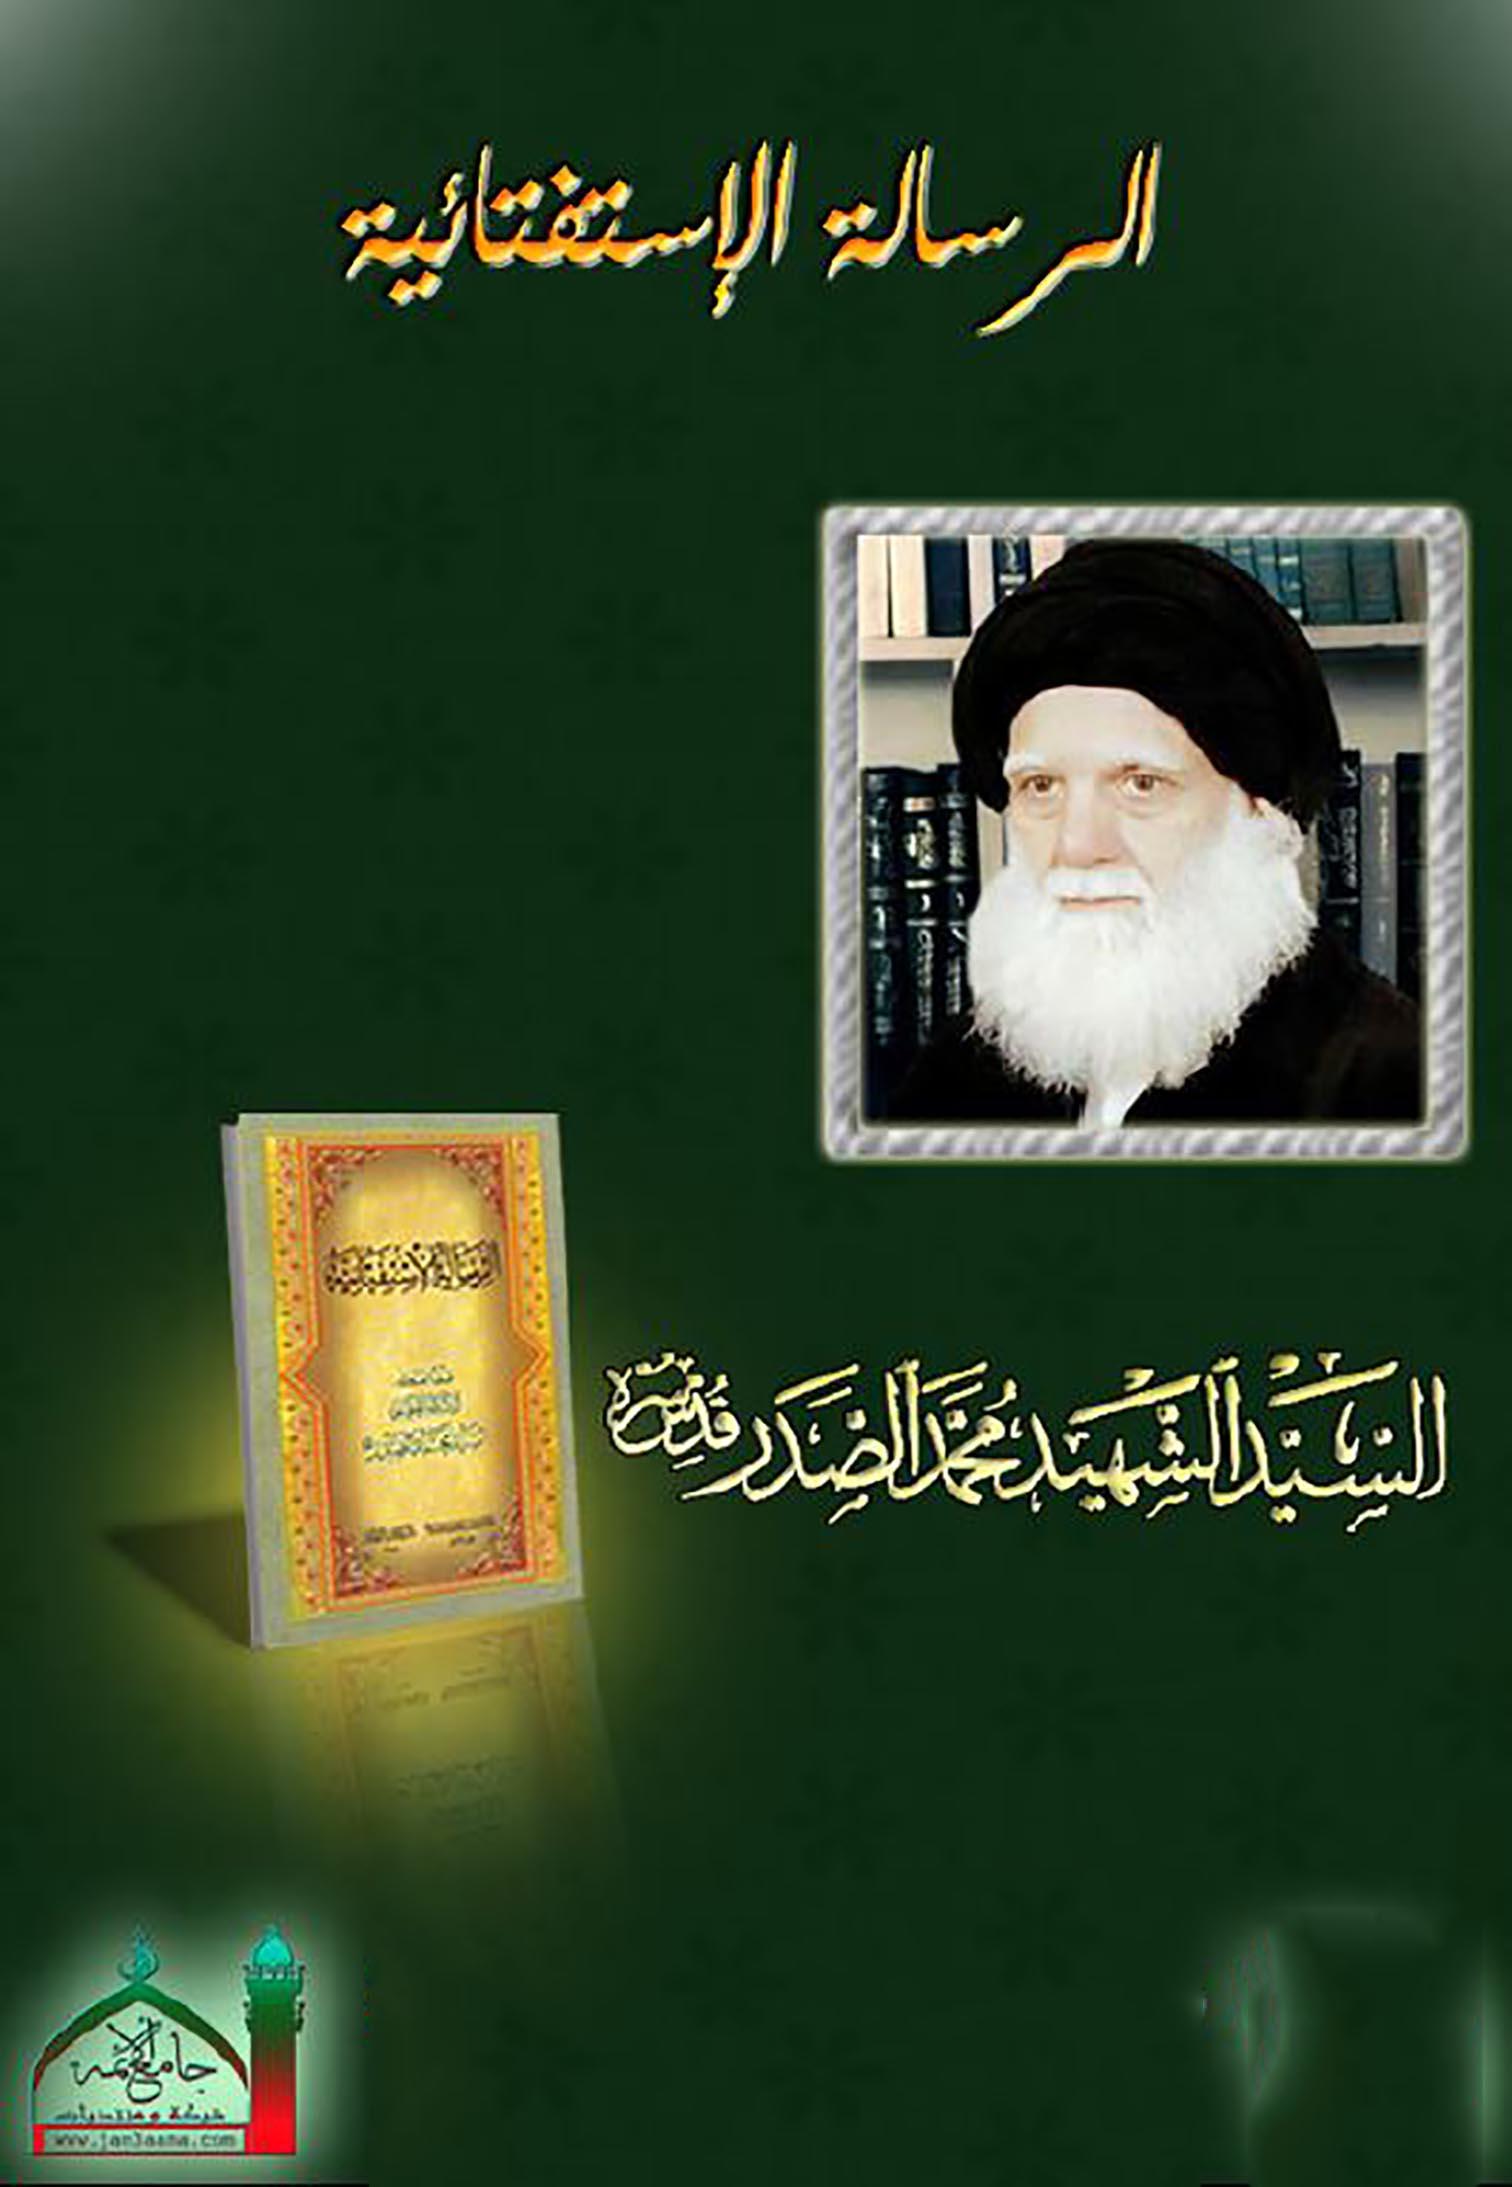 الاســـم:الرسالة الاستفتائية لمحمد محمد صدر ج3 غلاف.JPG المشاهدات: 4017 الحجـــم:191.7 كيلوبايت